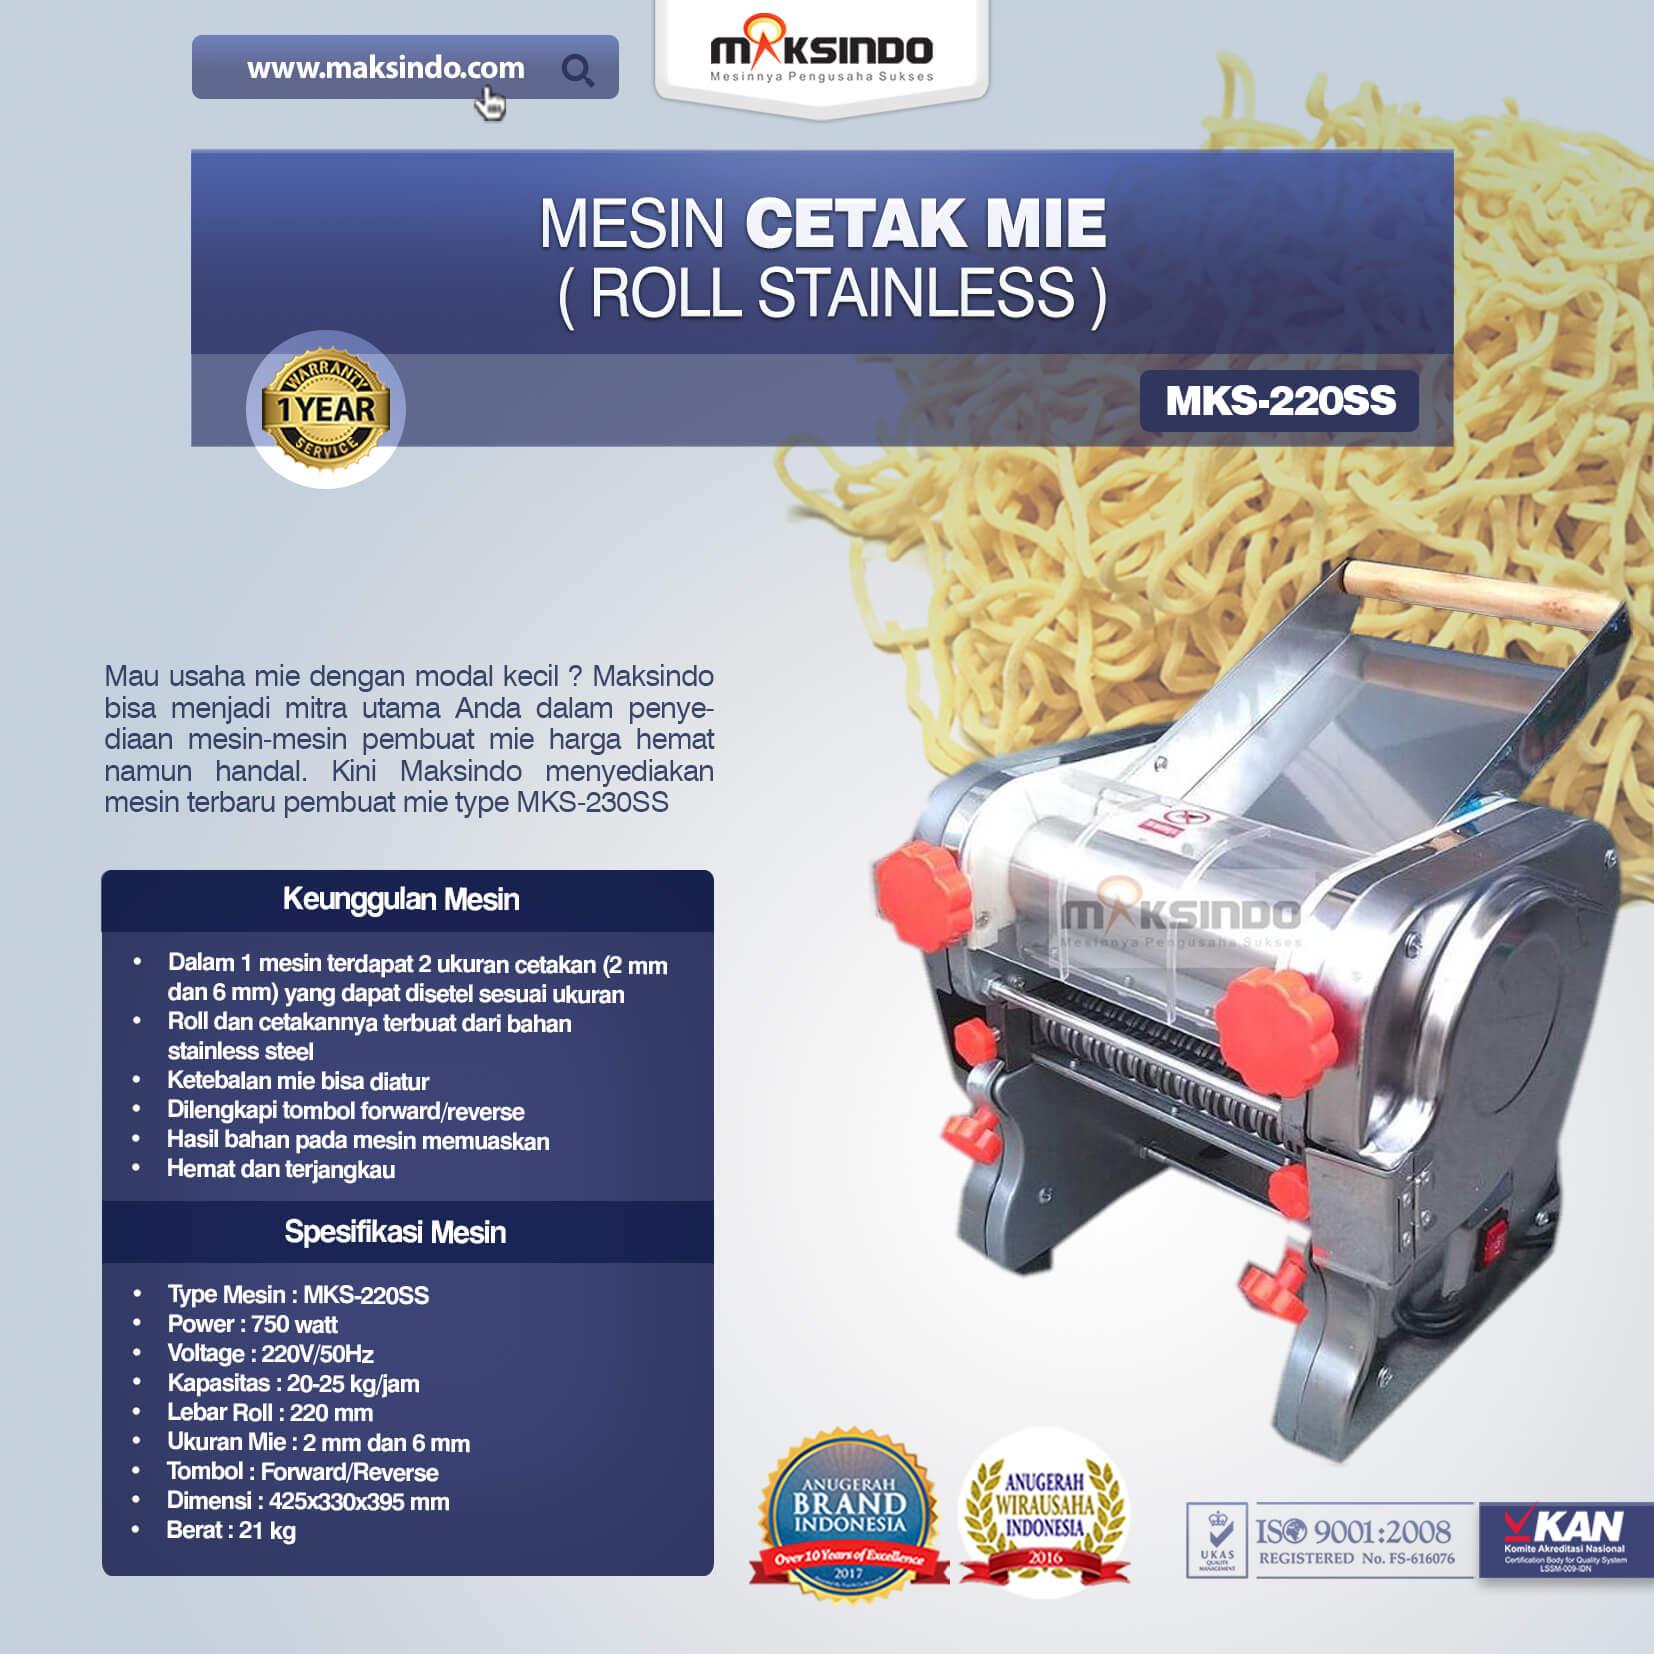 Jual Mesin Cetak Mie MKS-220SS (Roll Stainless) di Pekanbaru